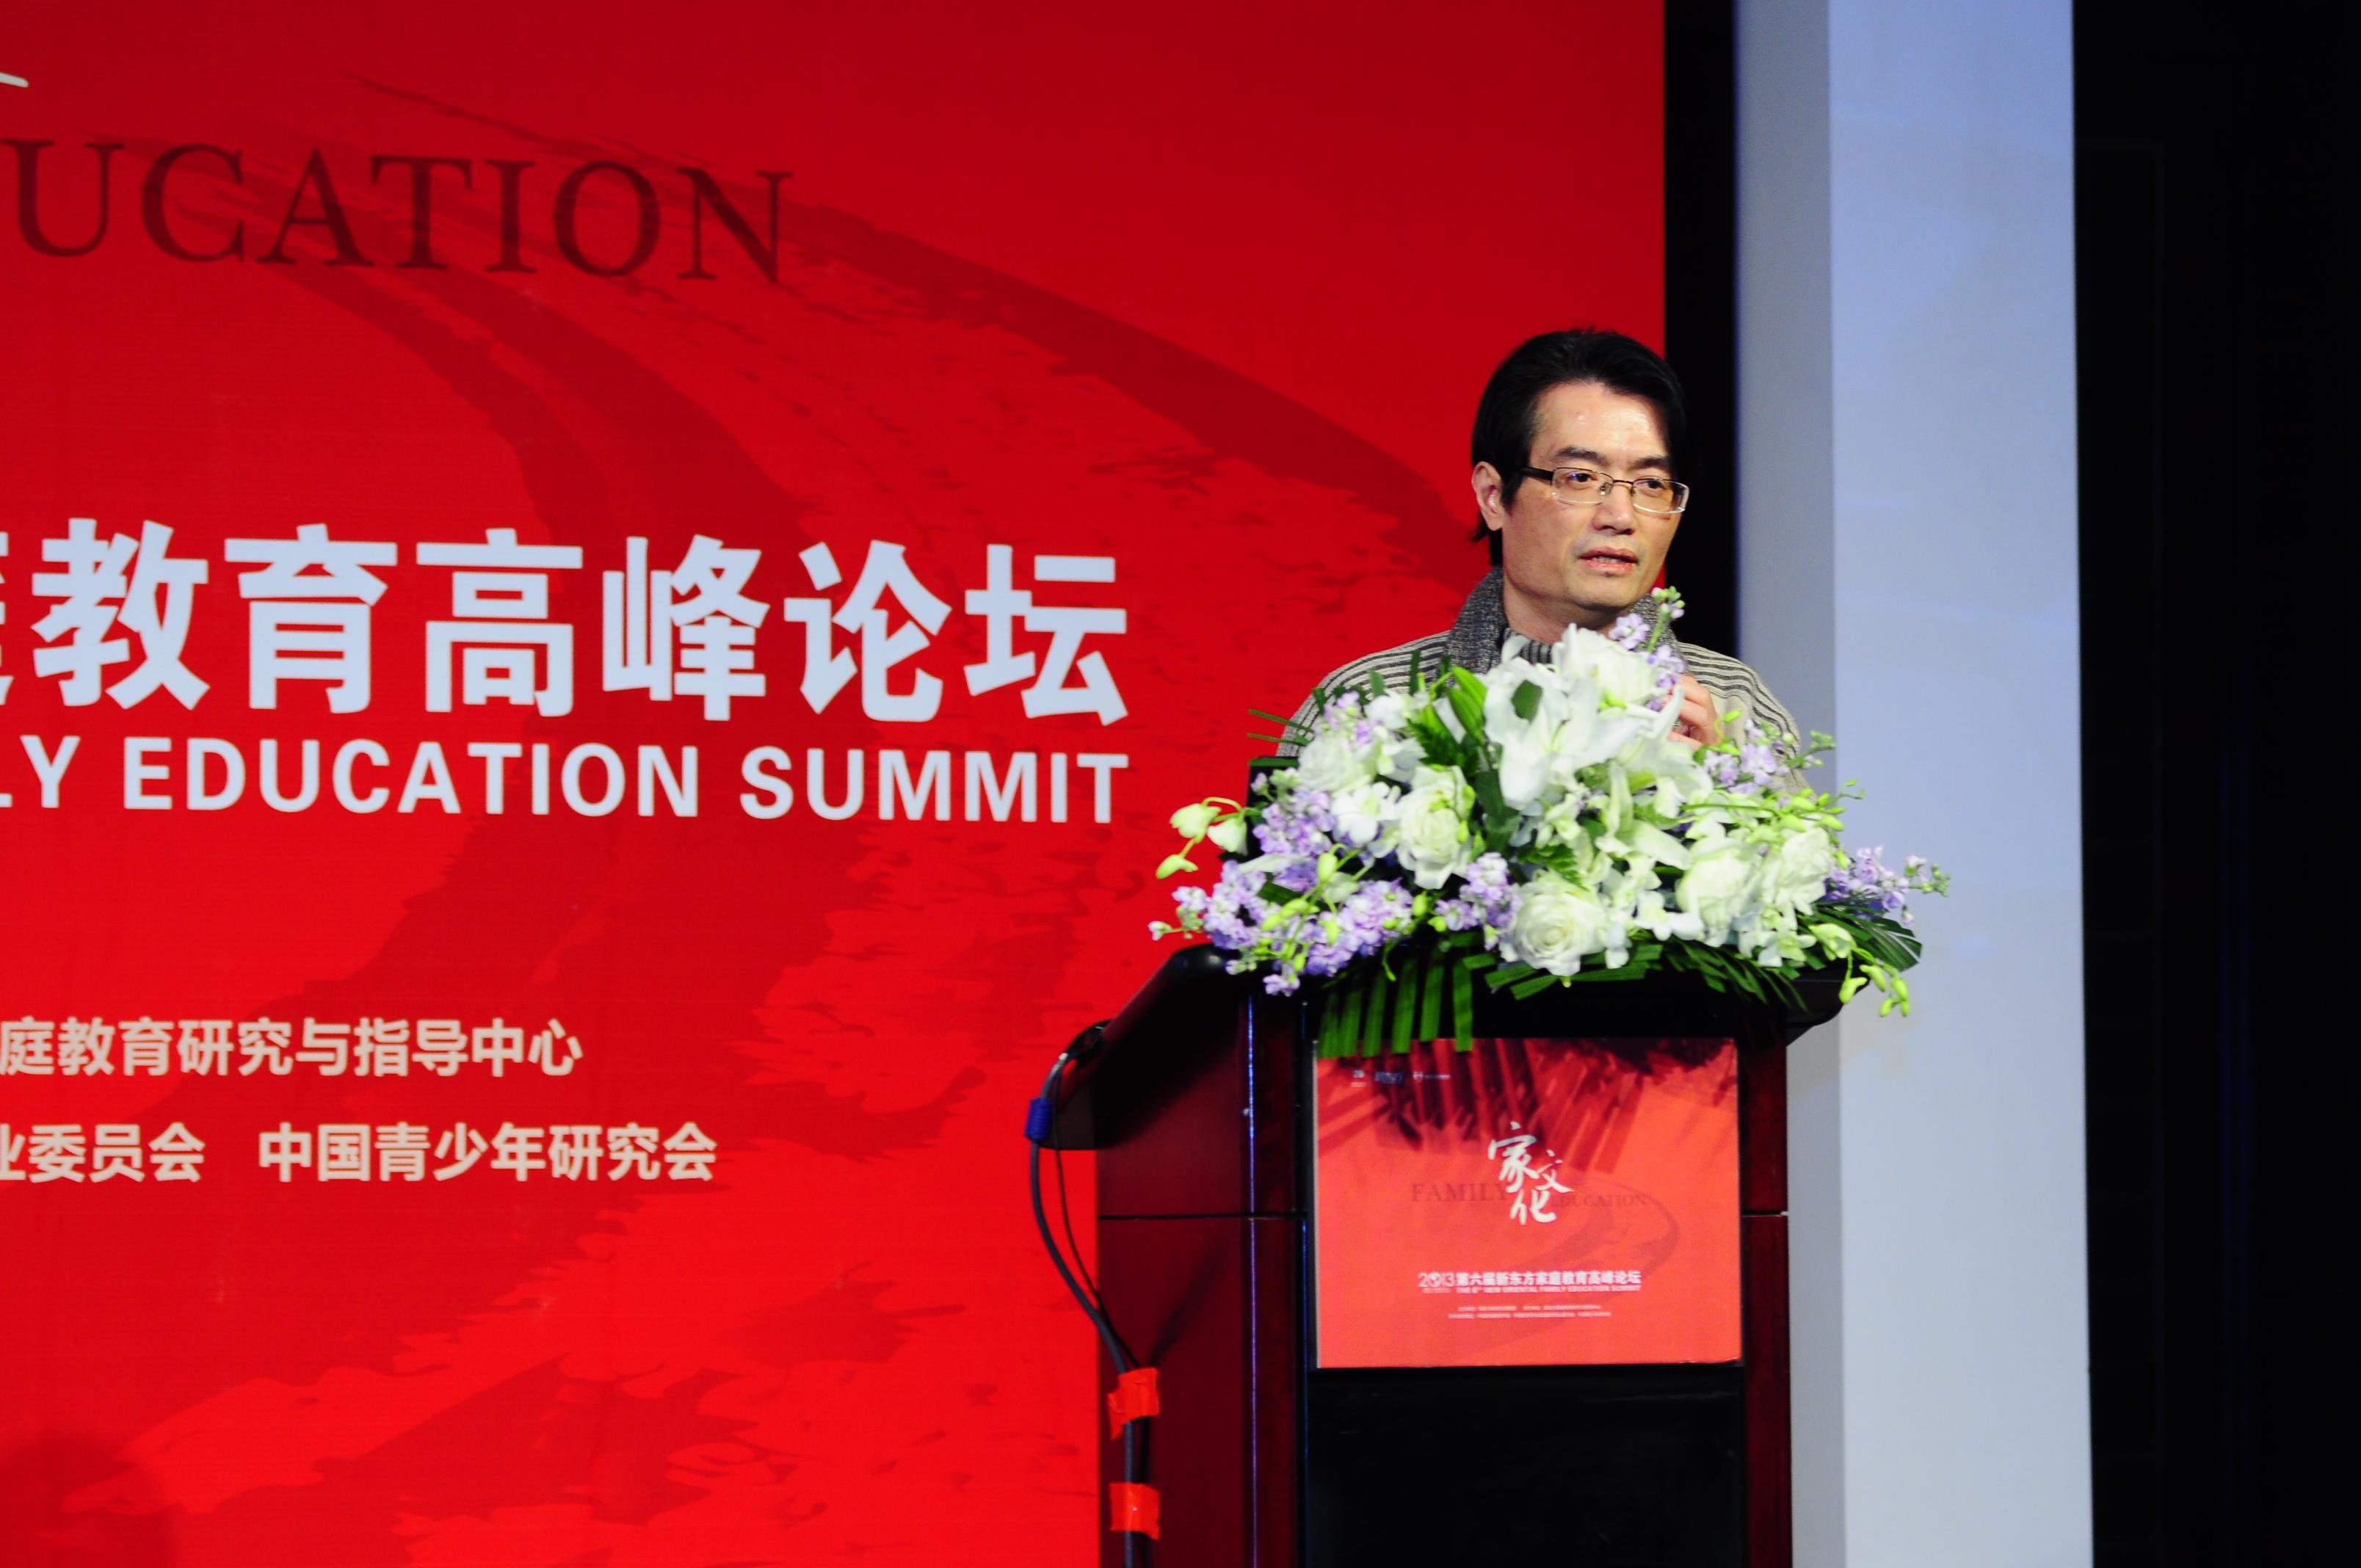 第六届新东方家庭教育学前分论坛演讲嘉宾:陈建翔